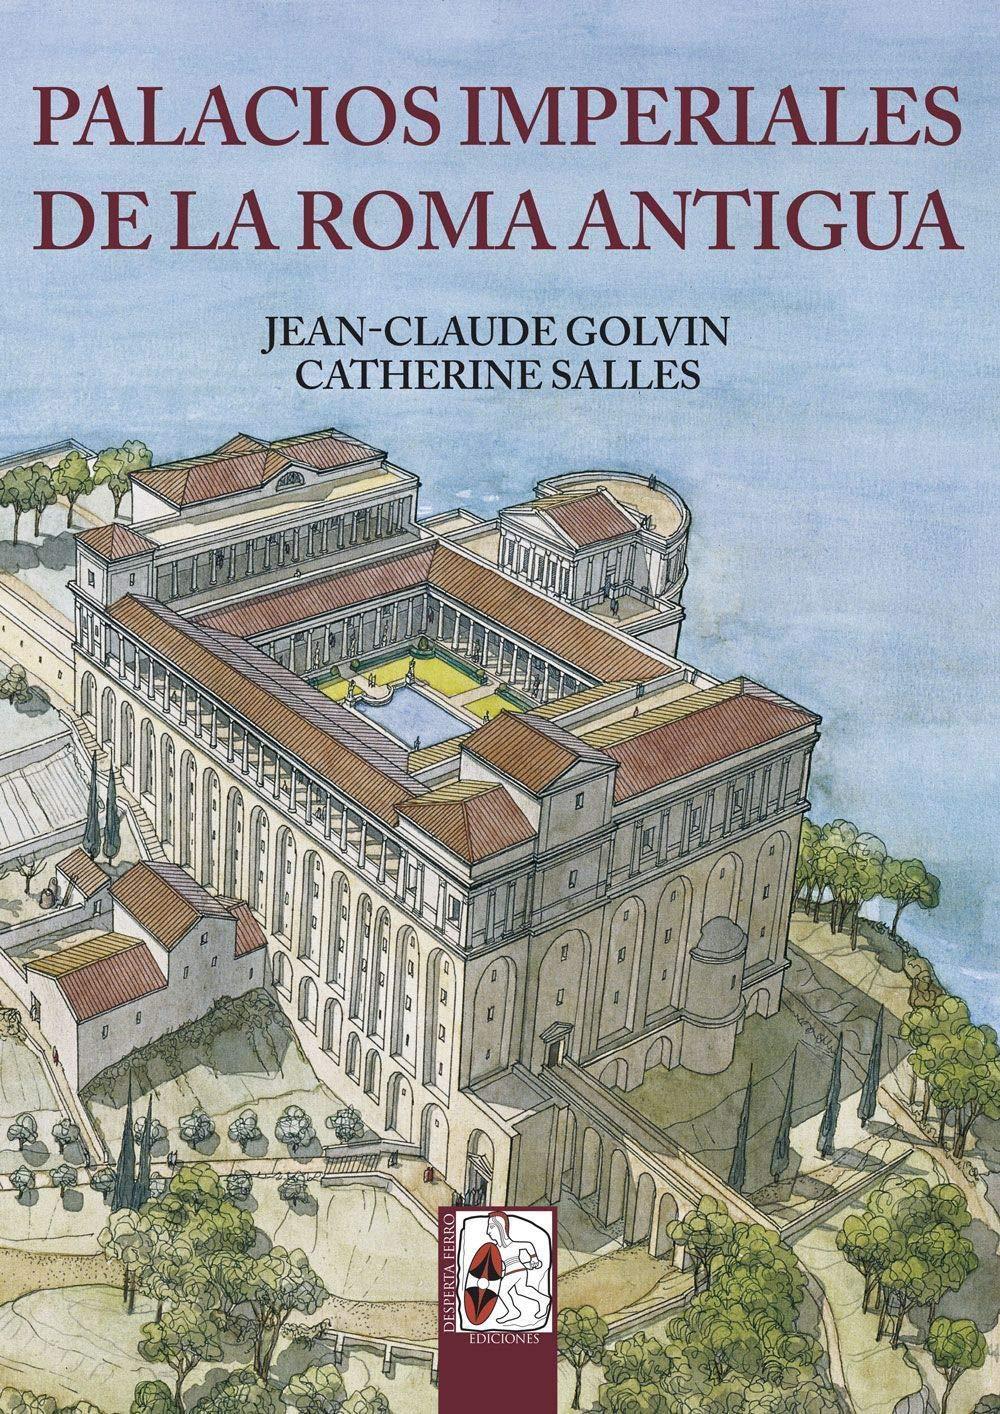 Palacios imperiales de la Roma Antigua (Ilustrados): Amazon.es: Golvin, Jean-Claude, Salles, Catherine, García Cardiel, Jorge: Libros